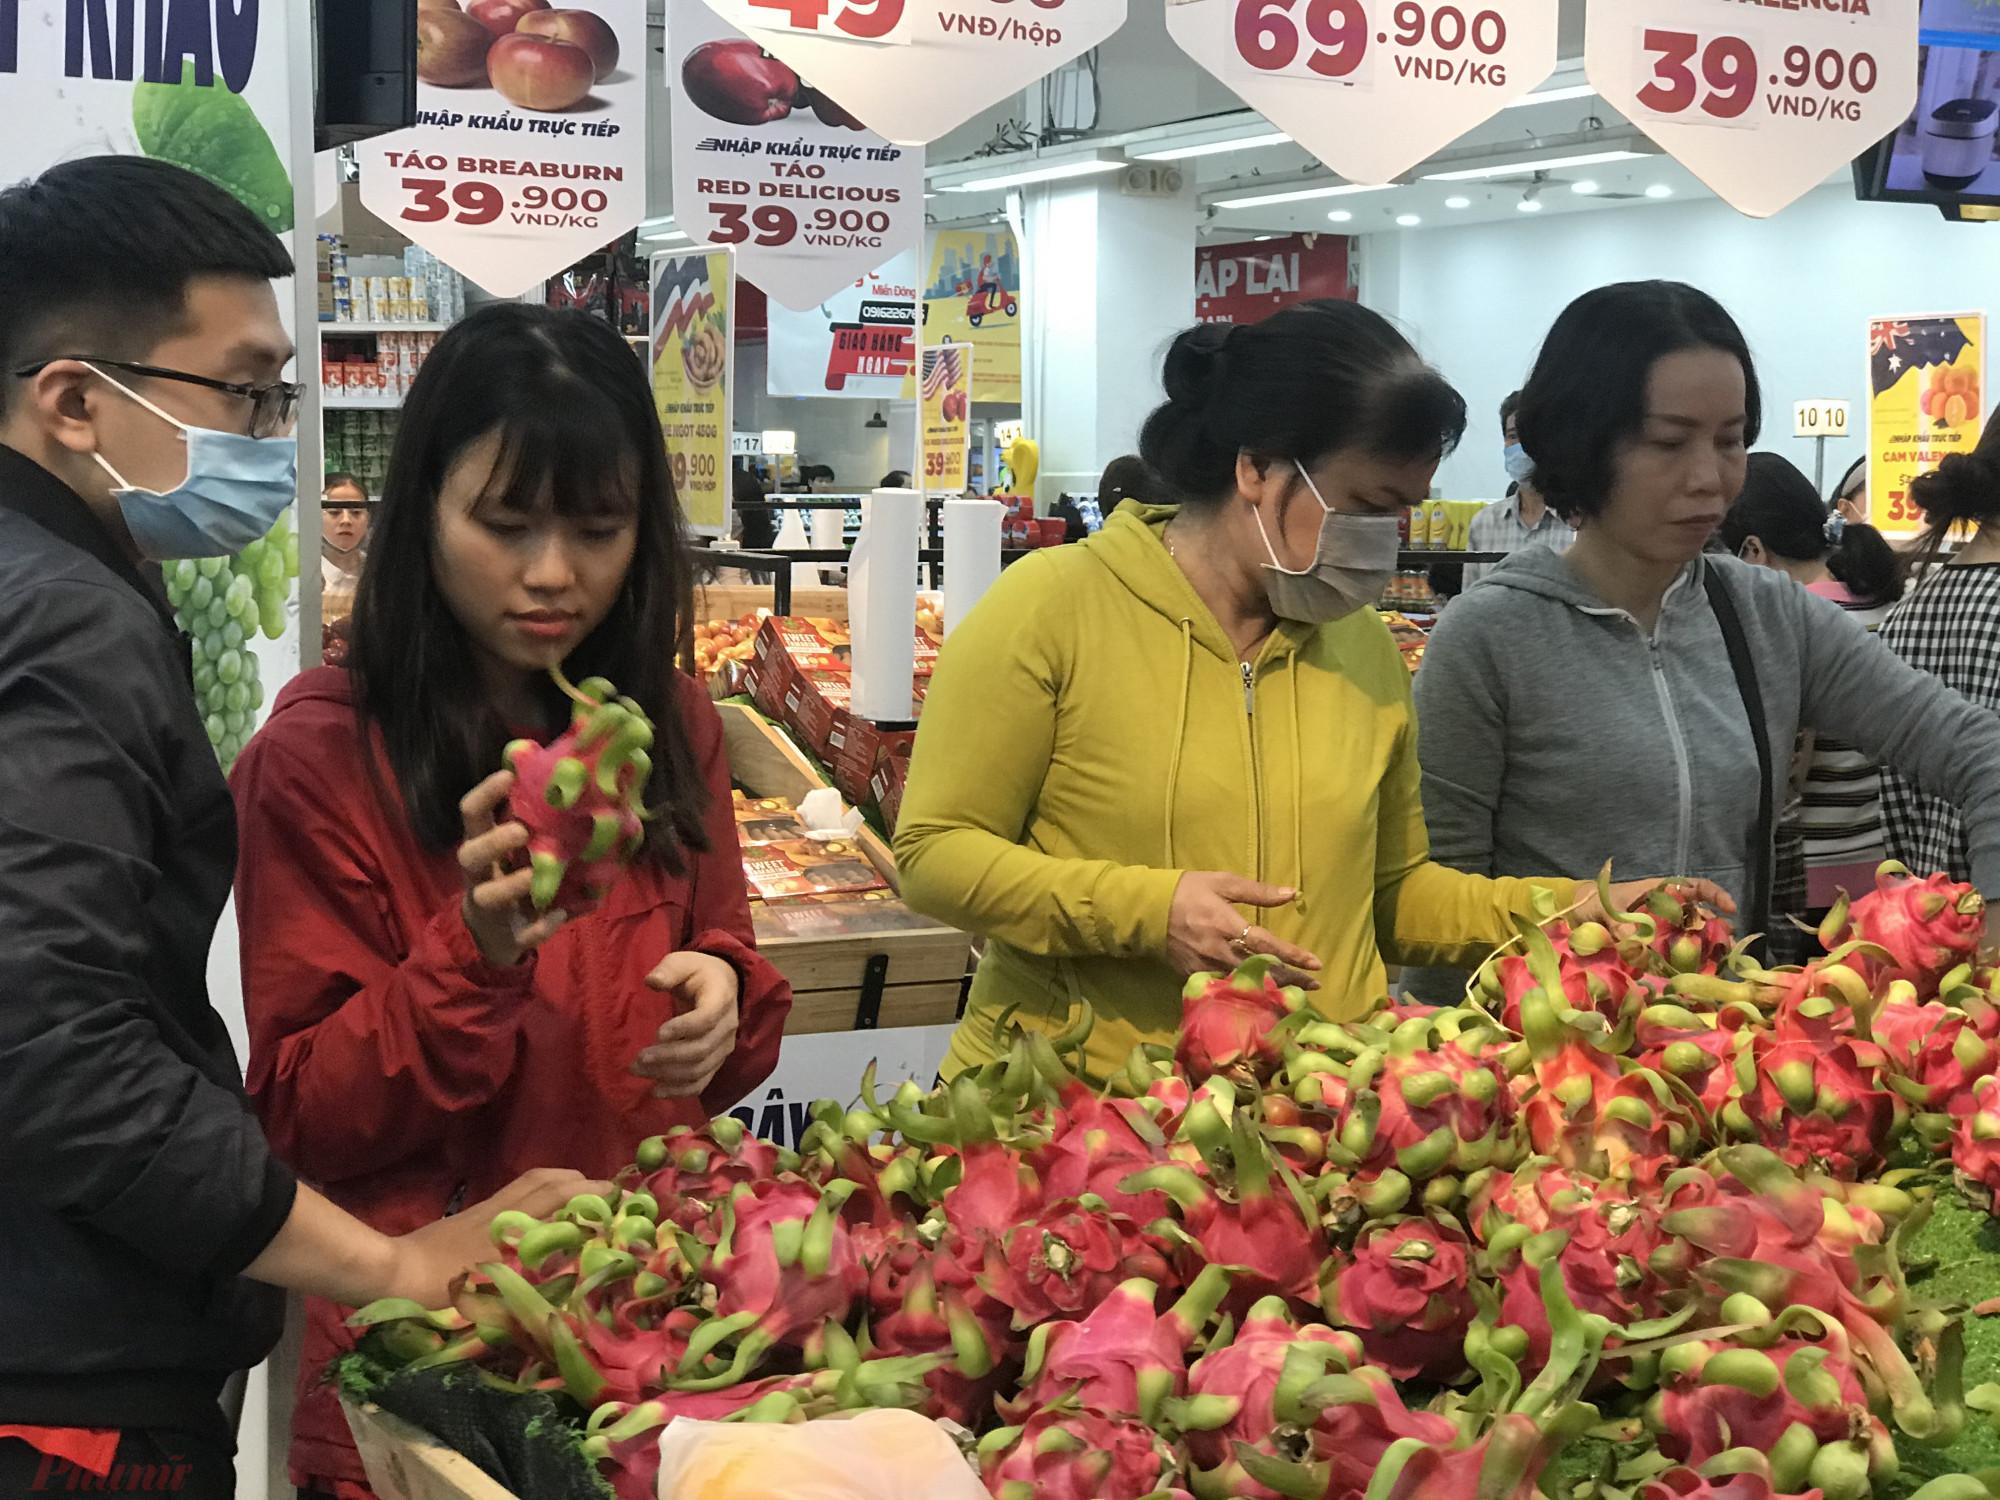 Nhiều siêu thị cho biết chương trình bán hàng nông sản bị ảnh hưởng bởi nCoV sẽ được áp dụng đến khi nông sản dần ổn định giá trở lại. Ảnh: Quốc Thái